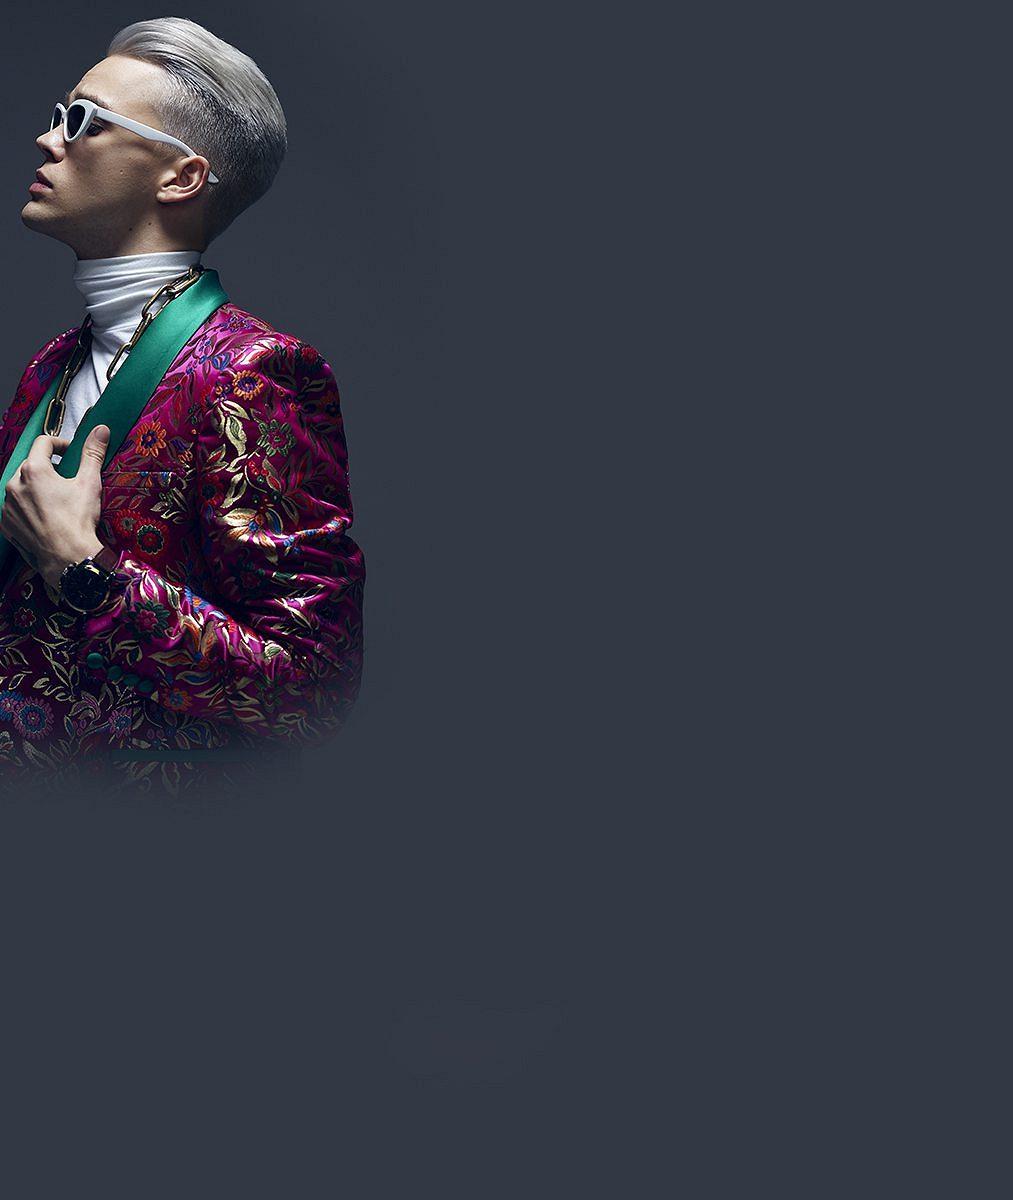 Čeští zpěváci se hromadně odbarvují na blond: Tihle 4fešáci radikálně změnili image